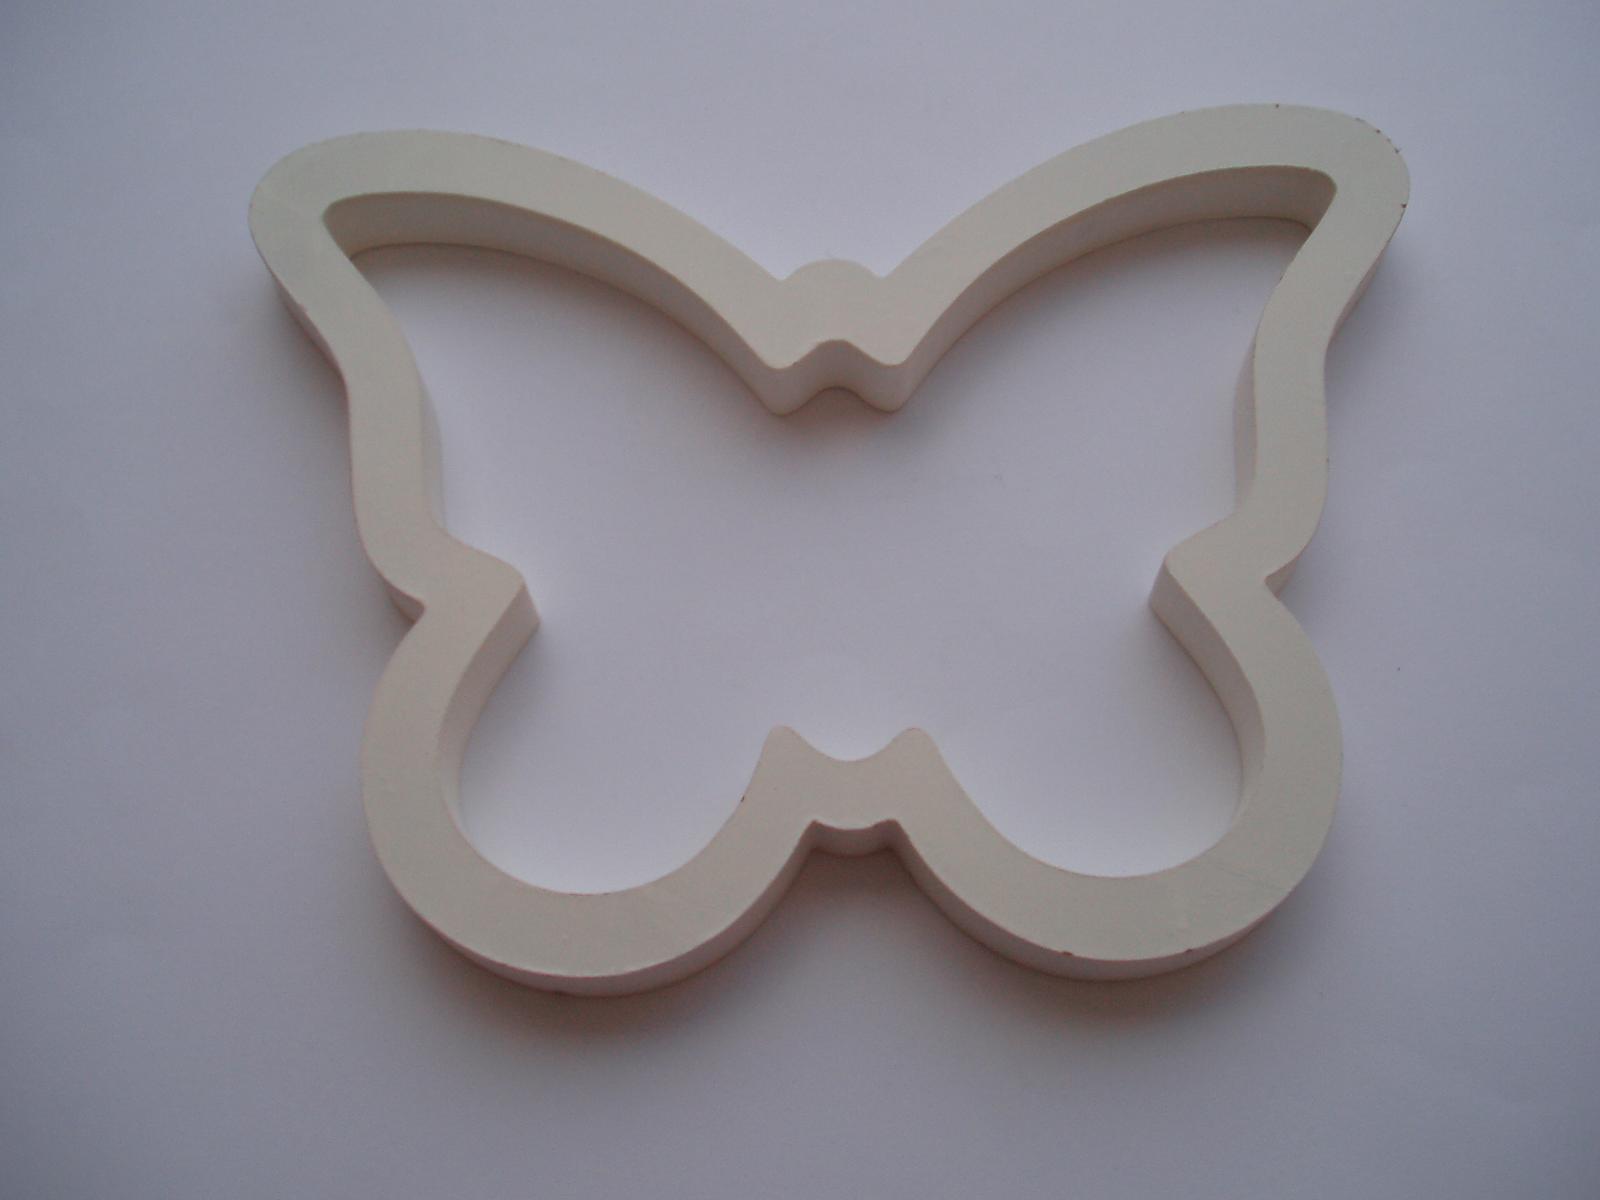 dřevěný motýl - Obrázek č. 1